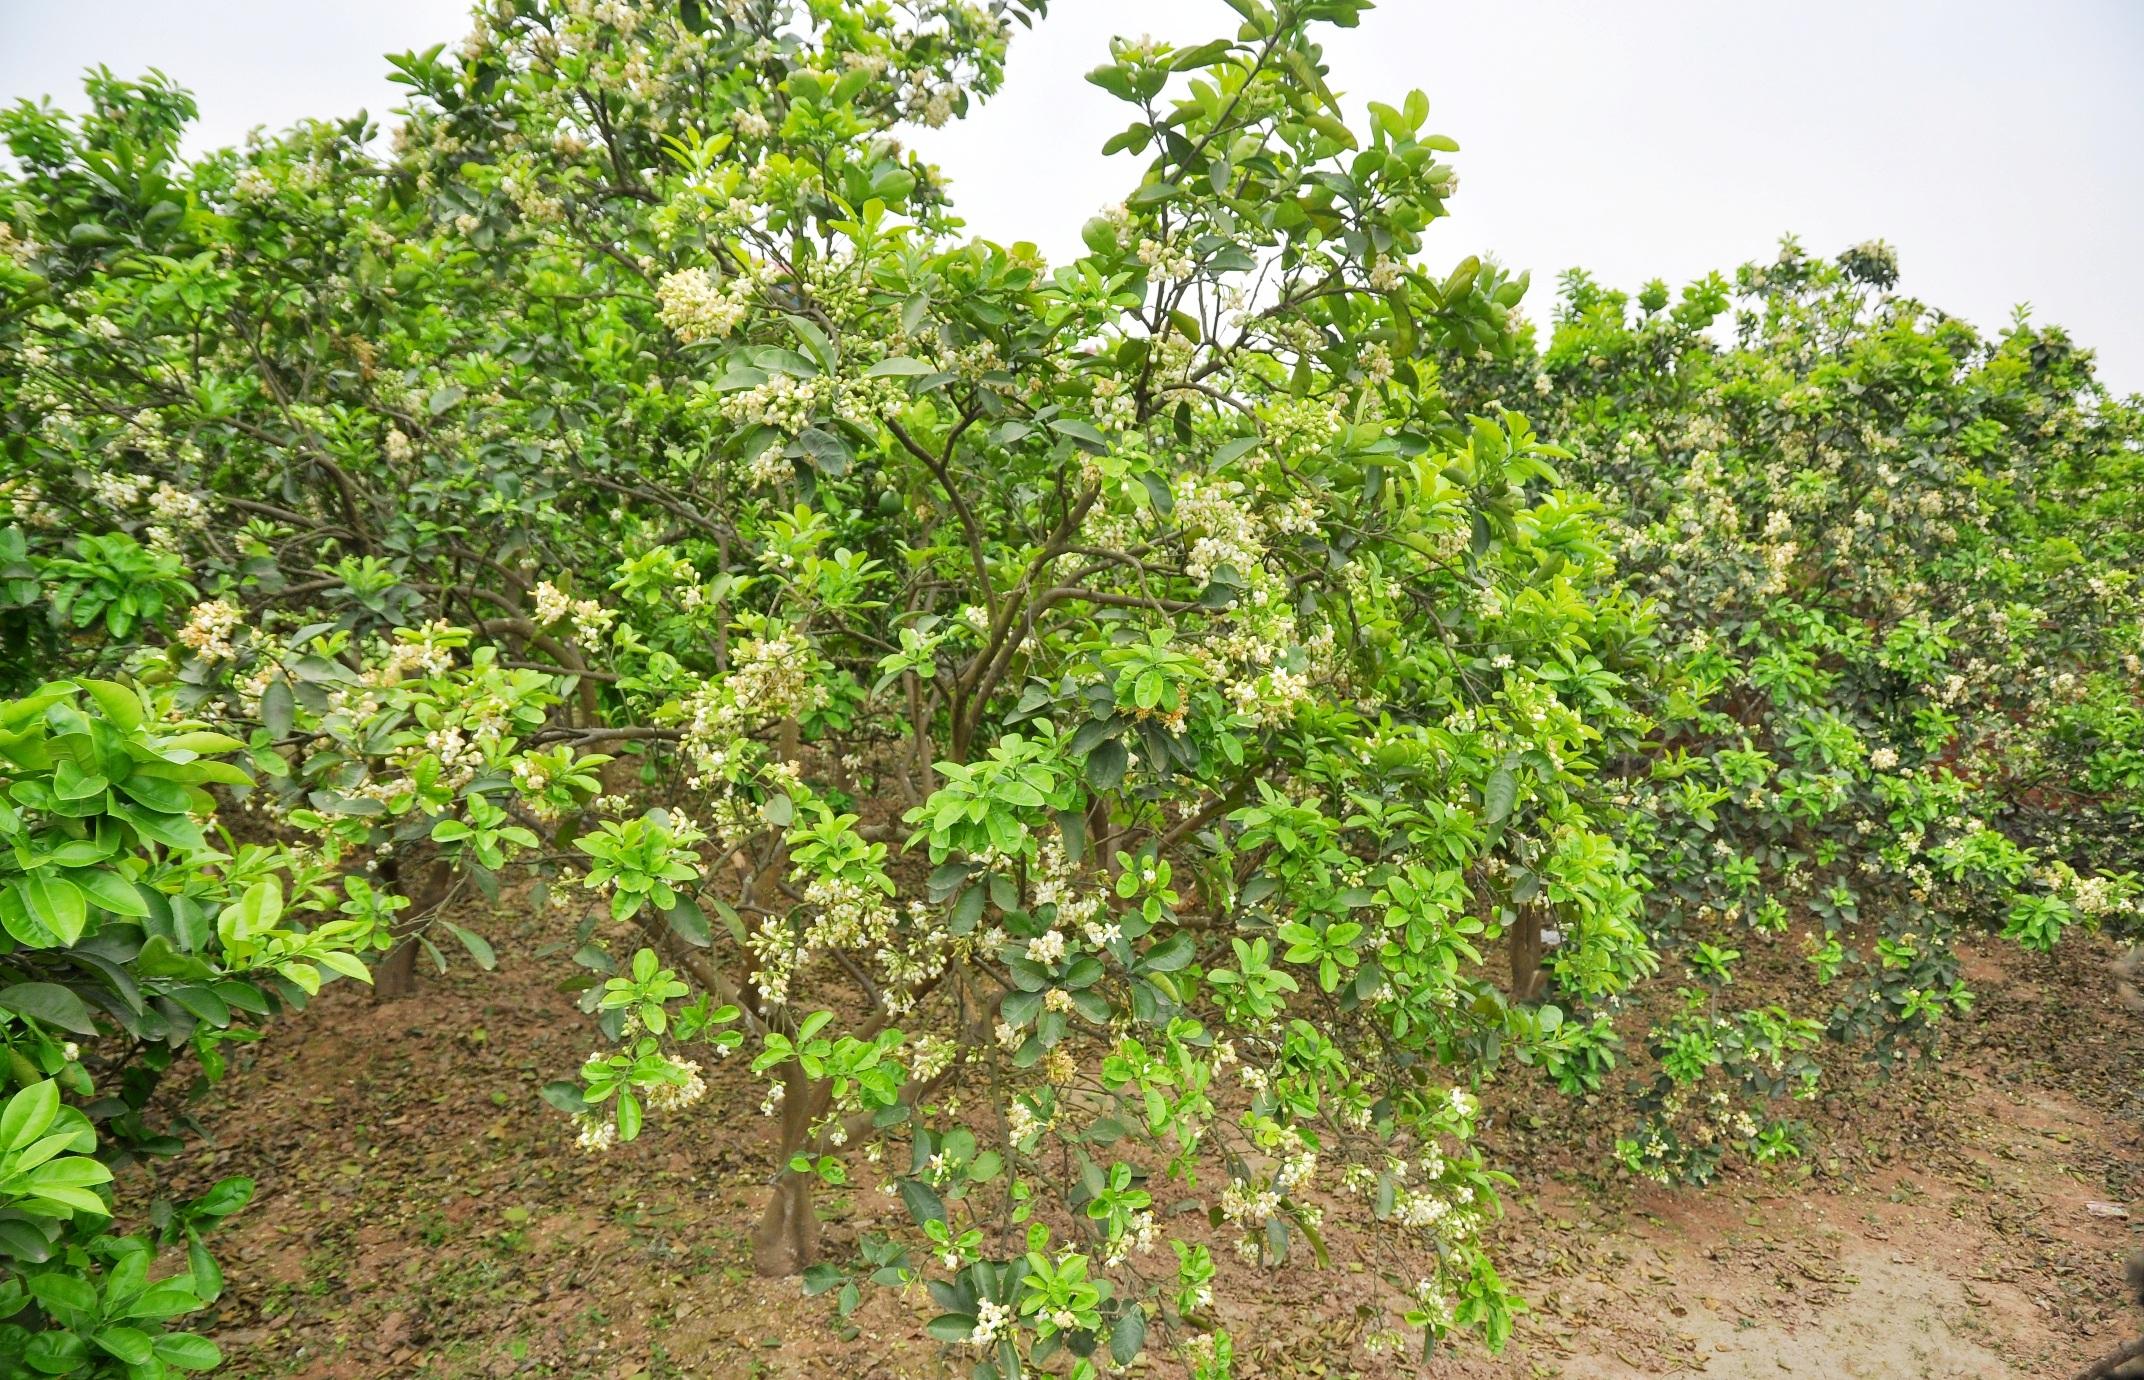 Người Hà Nội vẫn thường có thói quen mua hoa bưởi về thắp hương, nấu chè hoặc chỉ đơn giản là lưu giữ chút hương thơm tinh tế của khúc giao mùa tháng 3